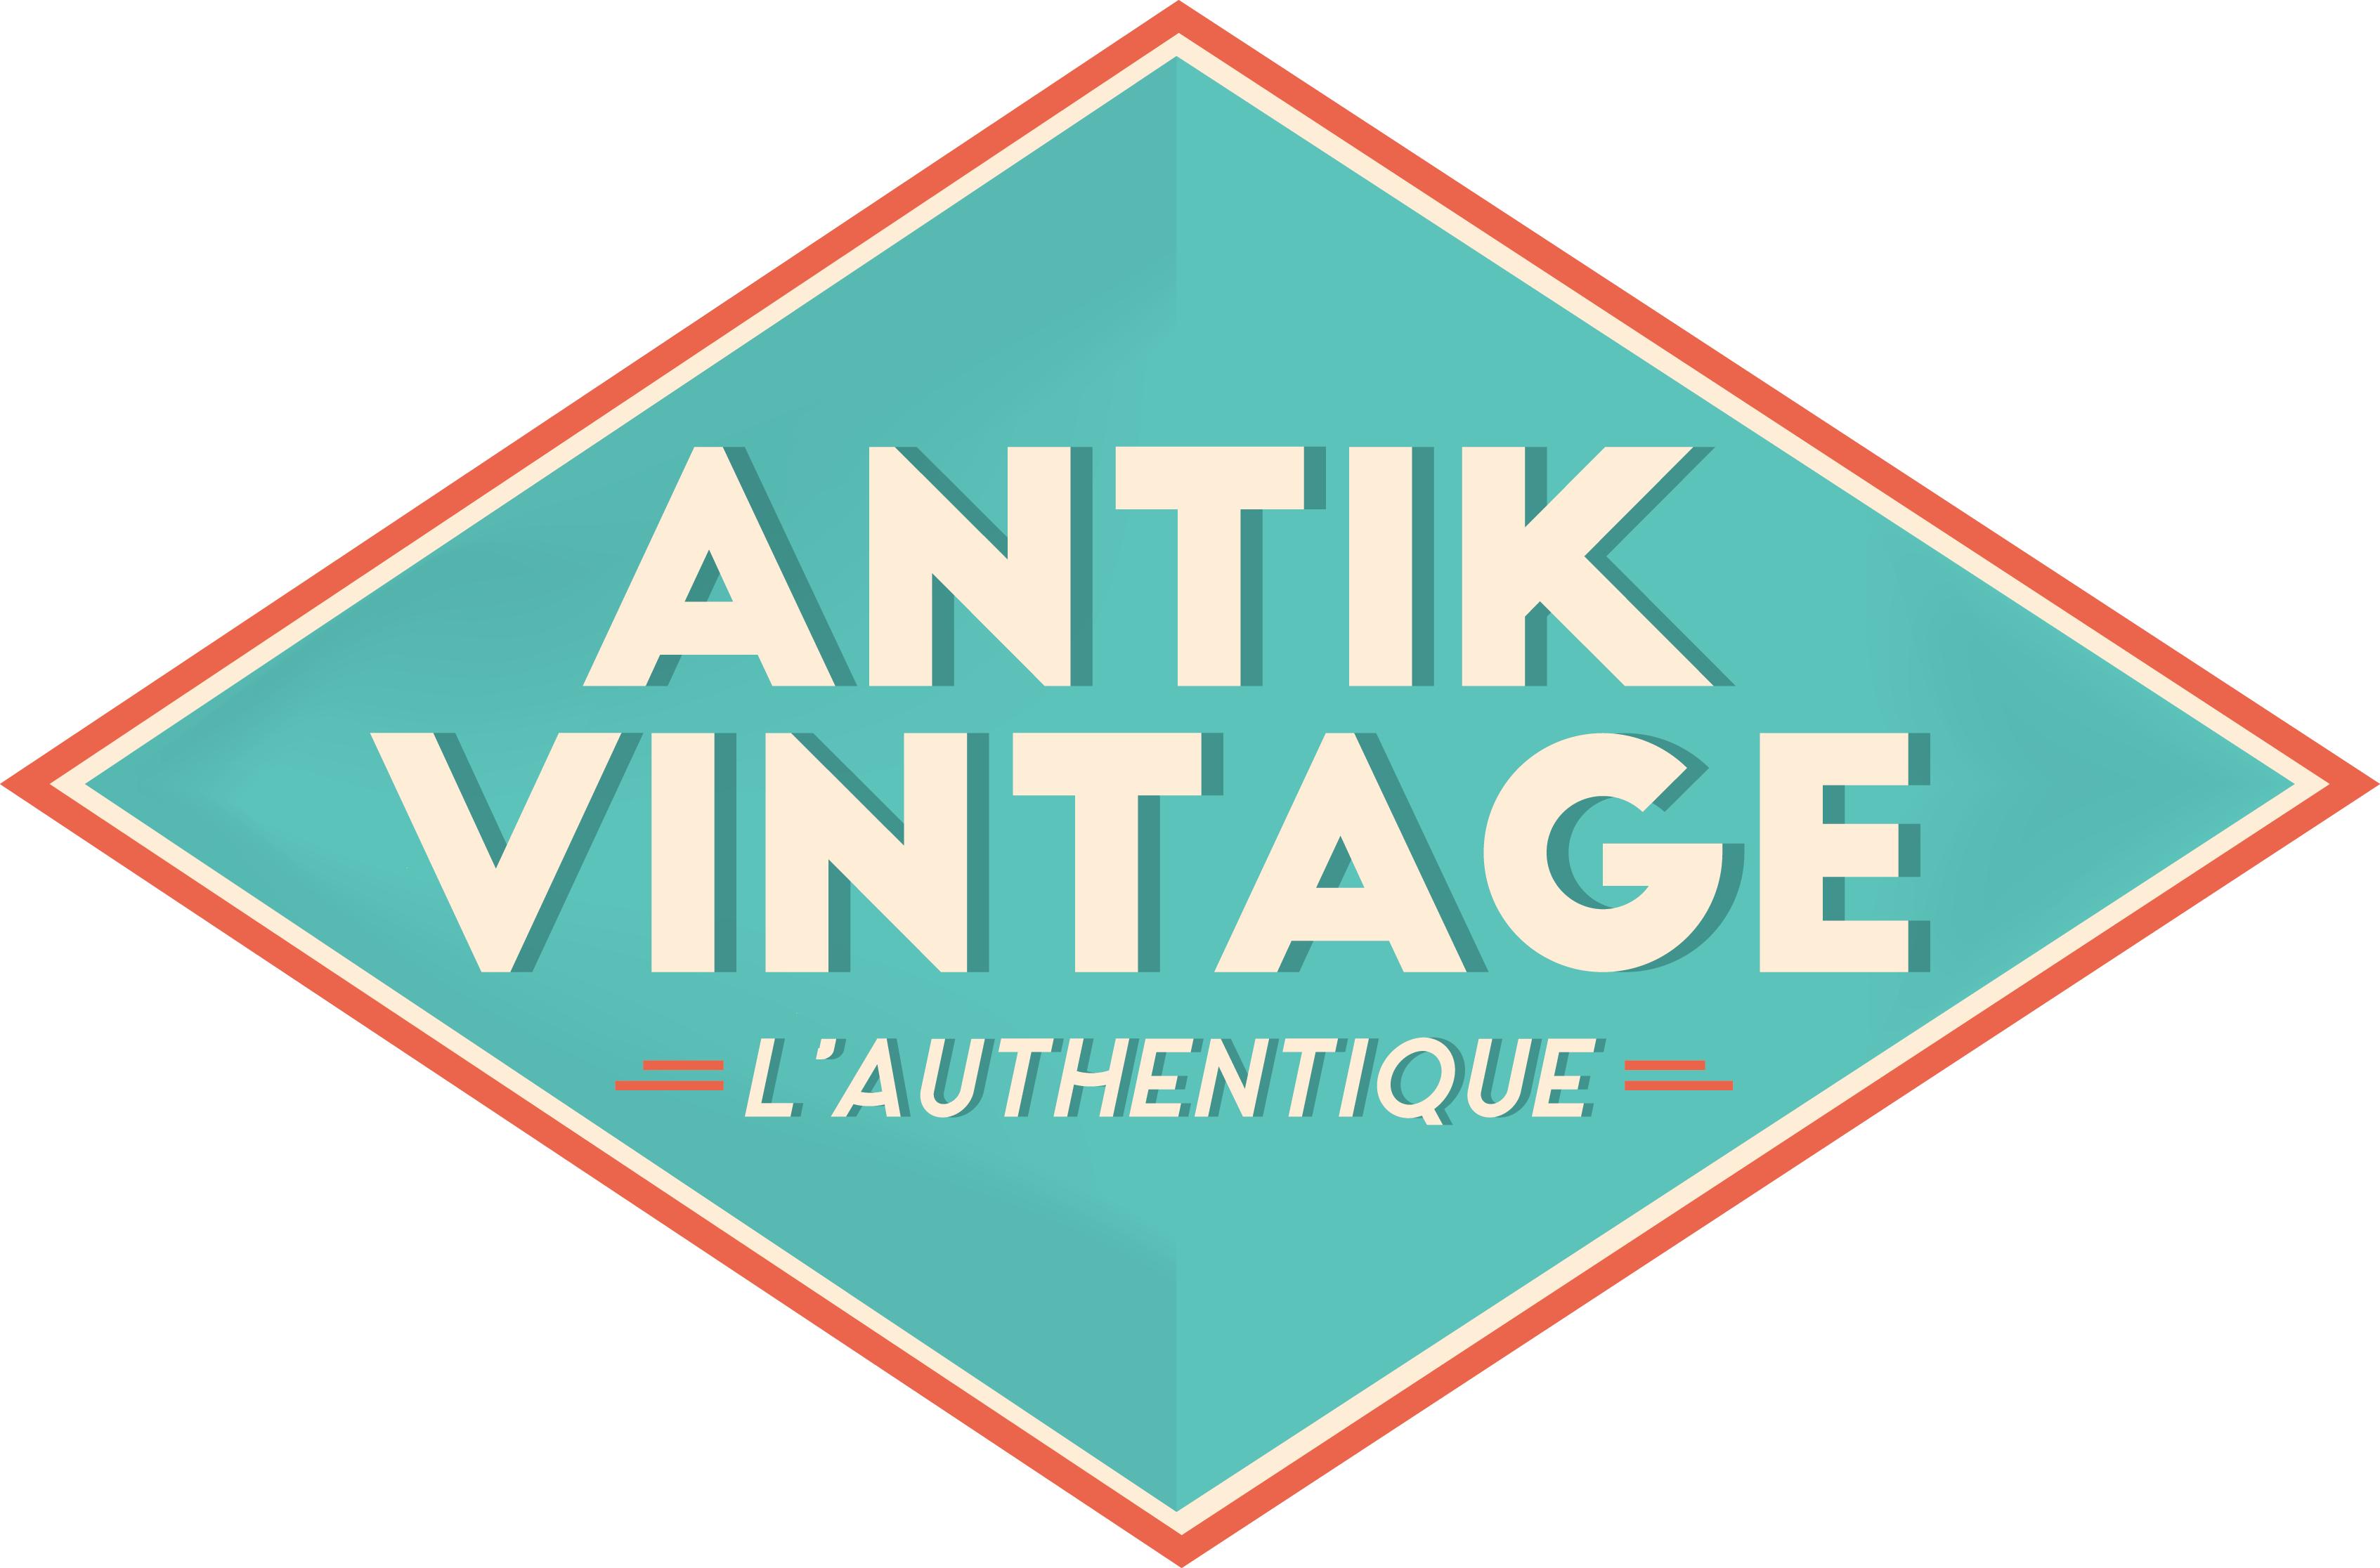 antik-vintage-logo-2016